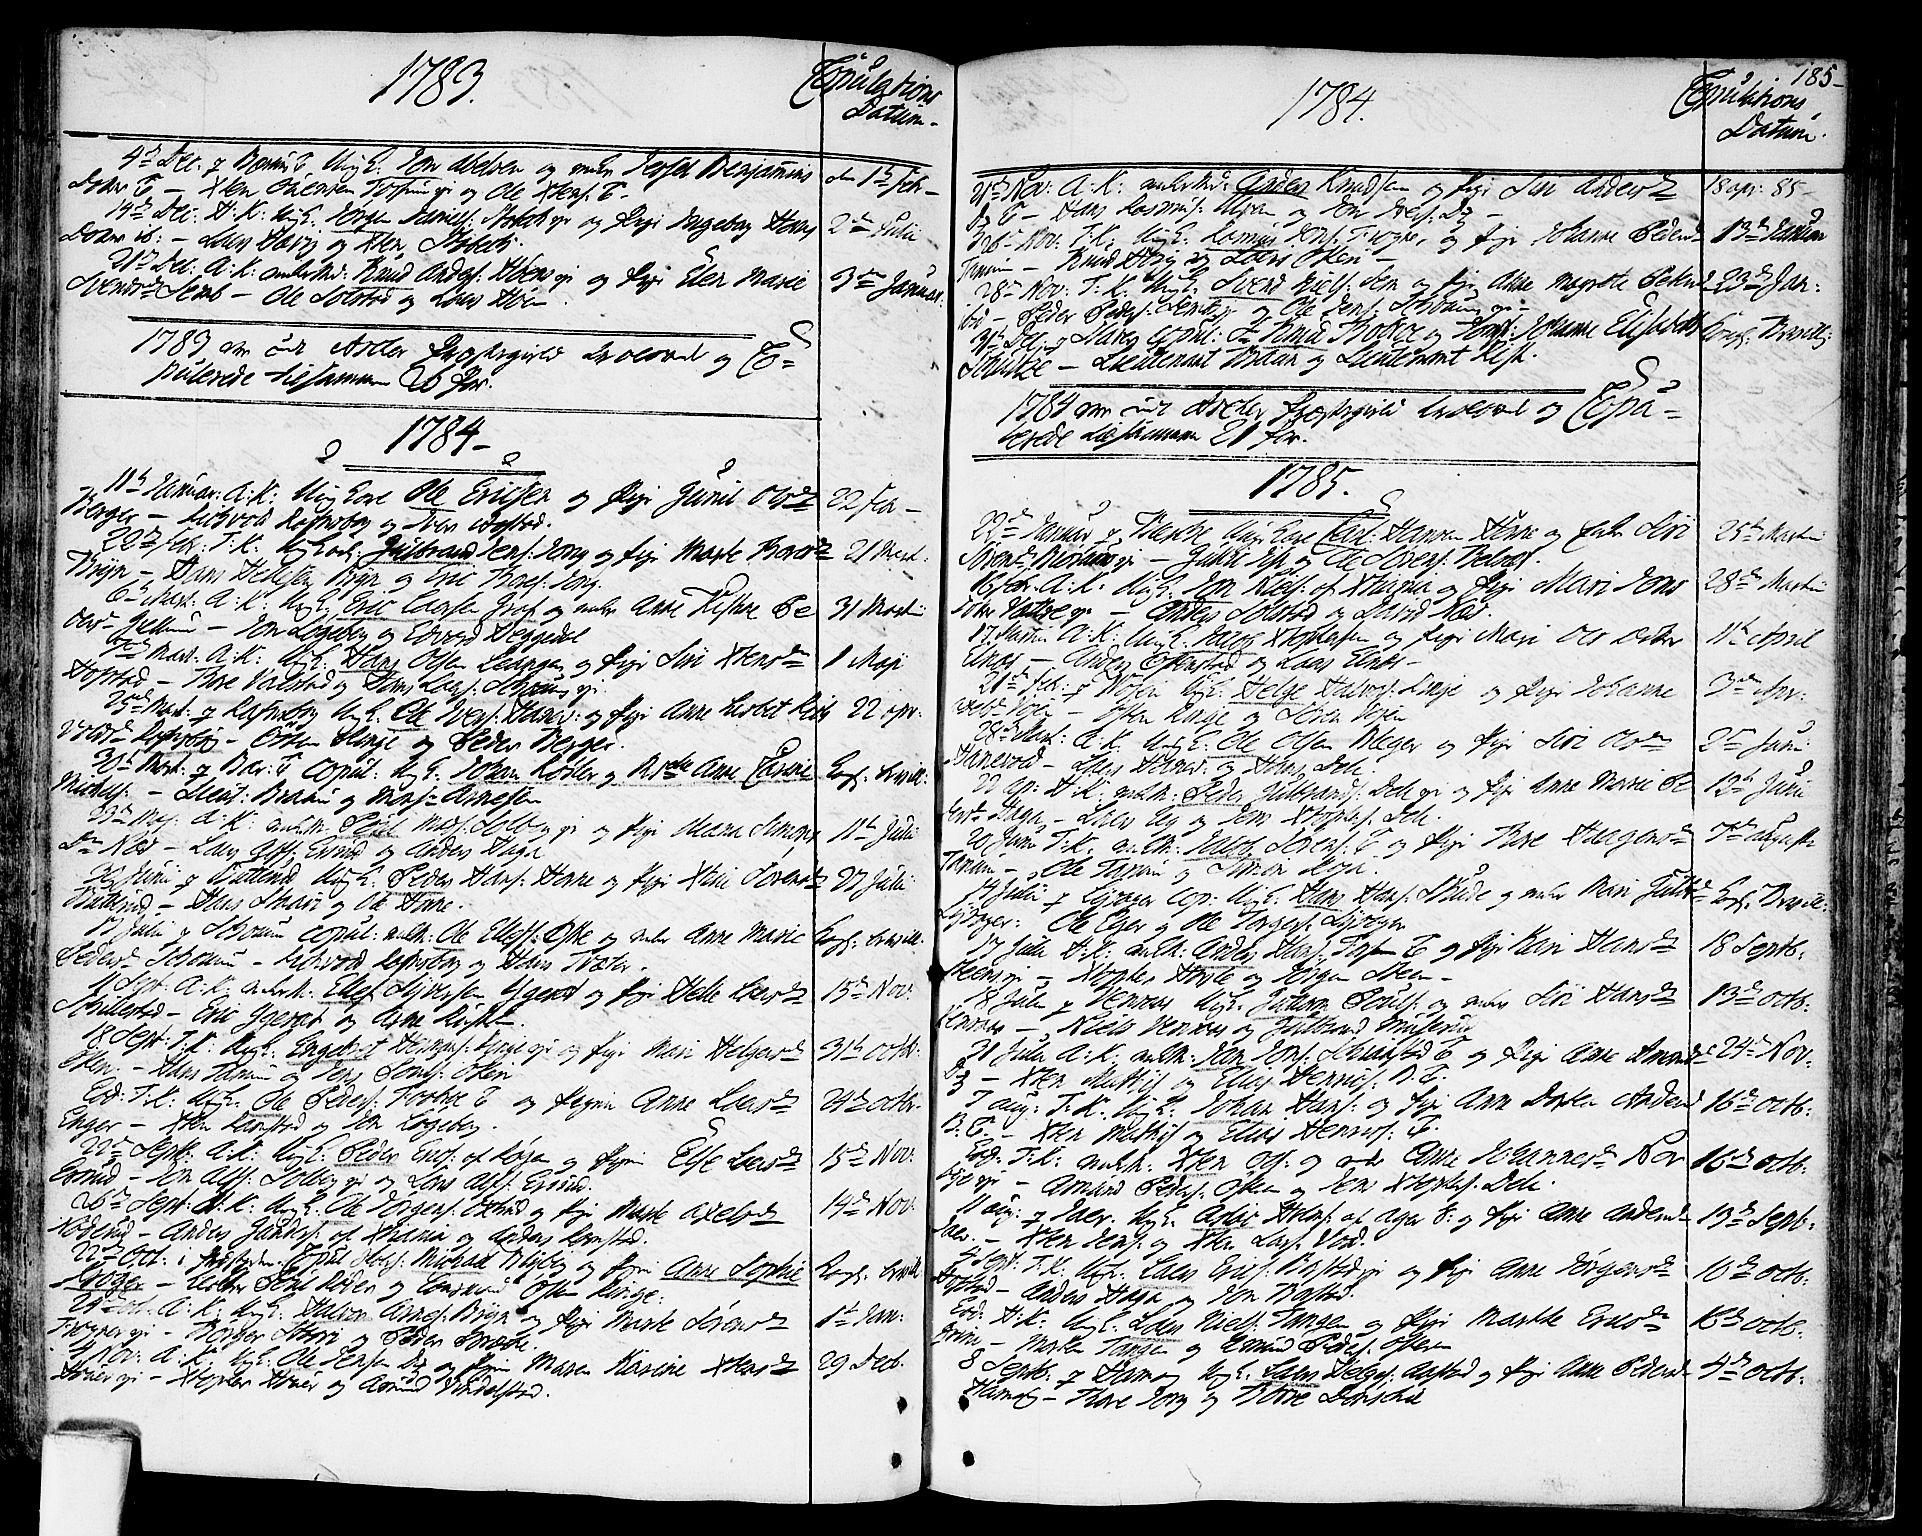 SAO, Asker prestekontor Kirkebøker, F/Fa/L0003: Ministerialbok nr. I 3, 1767-1807, s. 185